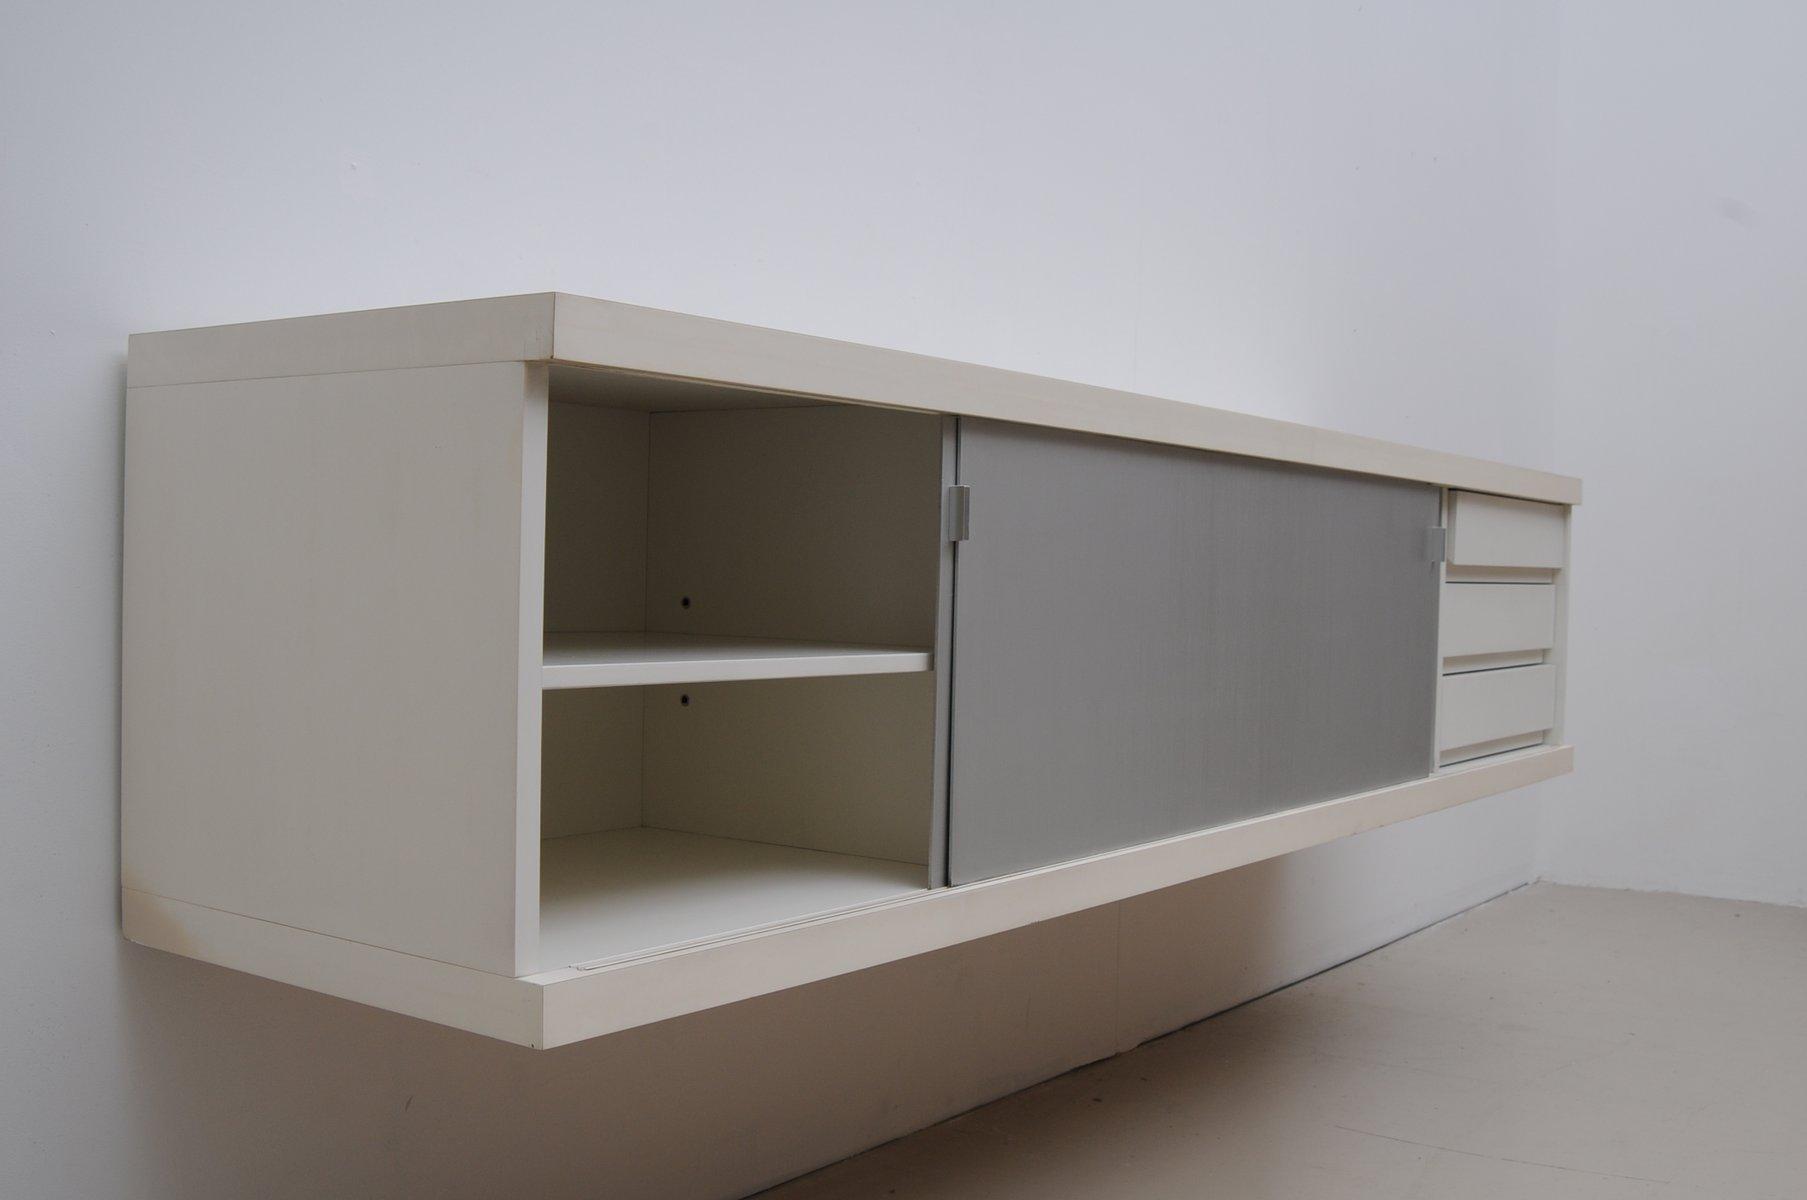 schwebendes mid century sideboard von horst br ning f r behr bei pamono kaufen. Black Bedroom Furniture Sets. Home Design Ideas